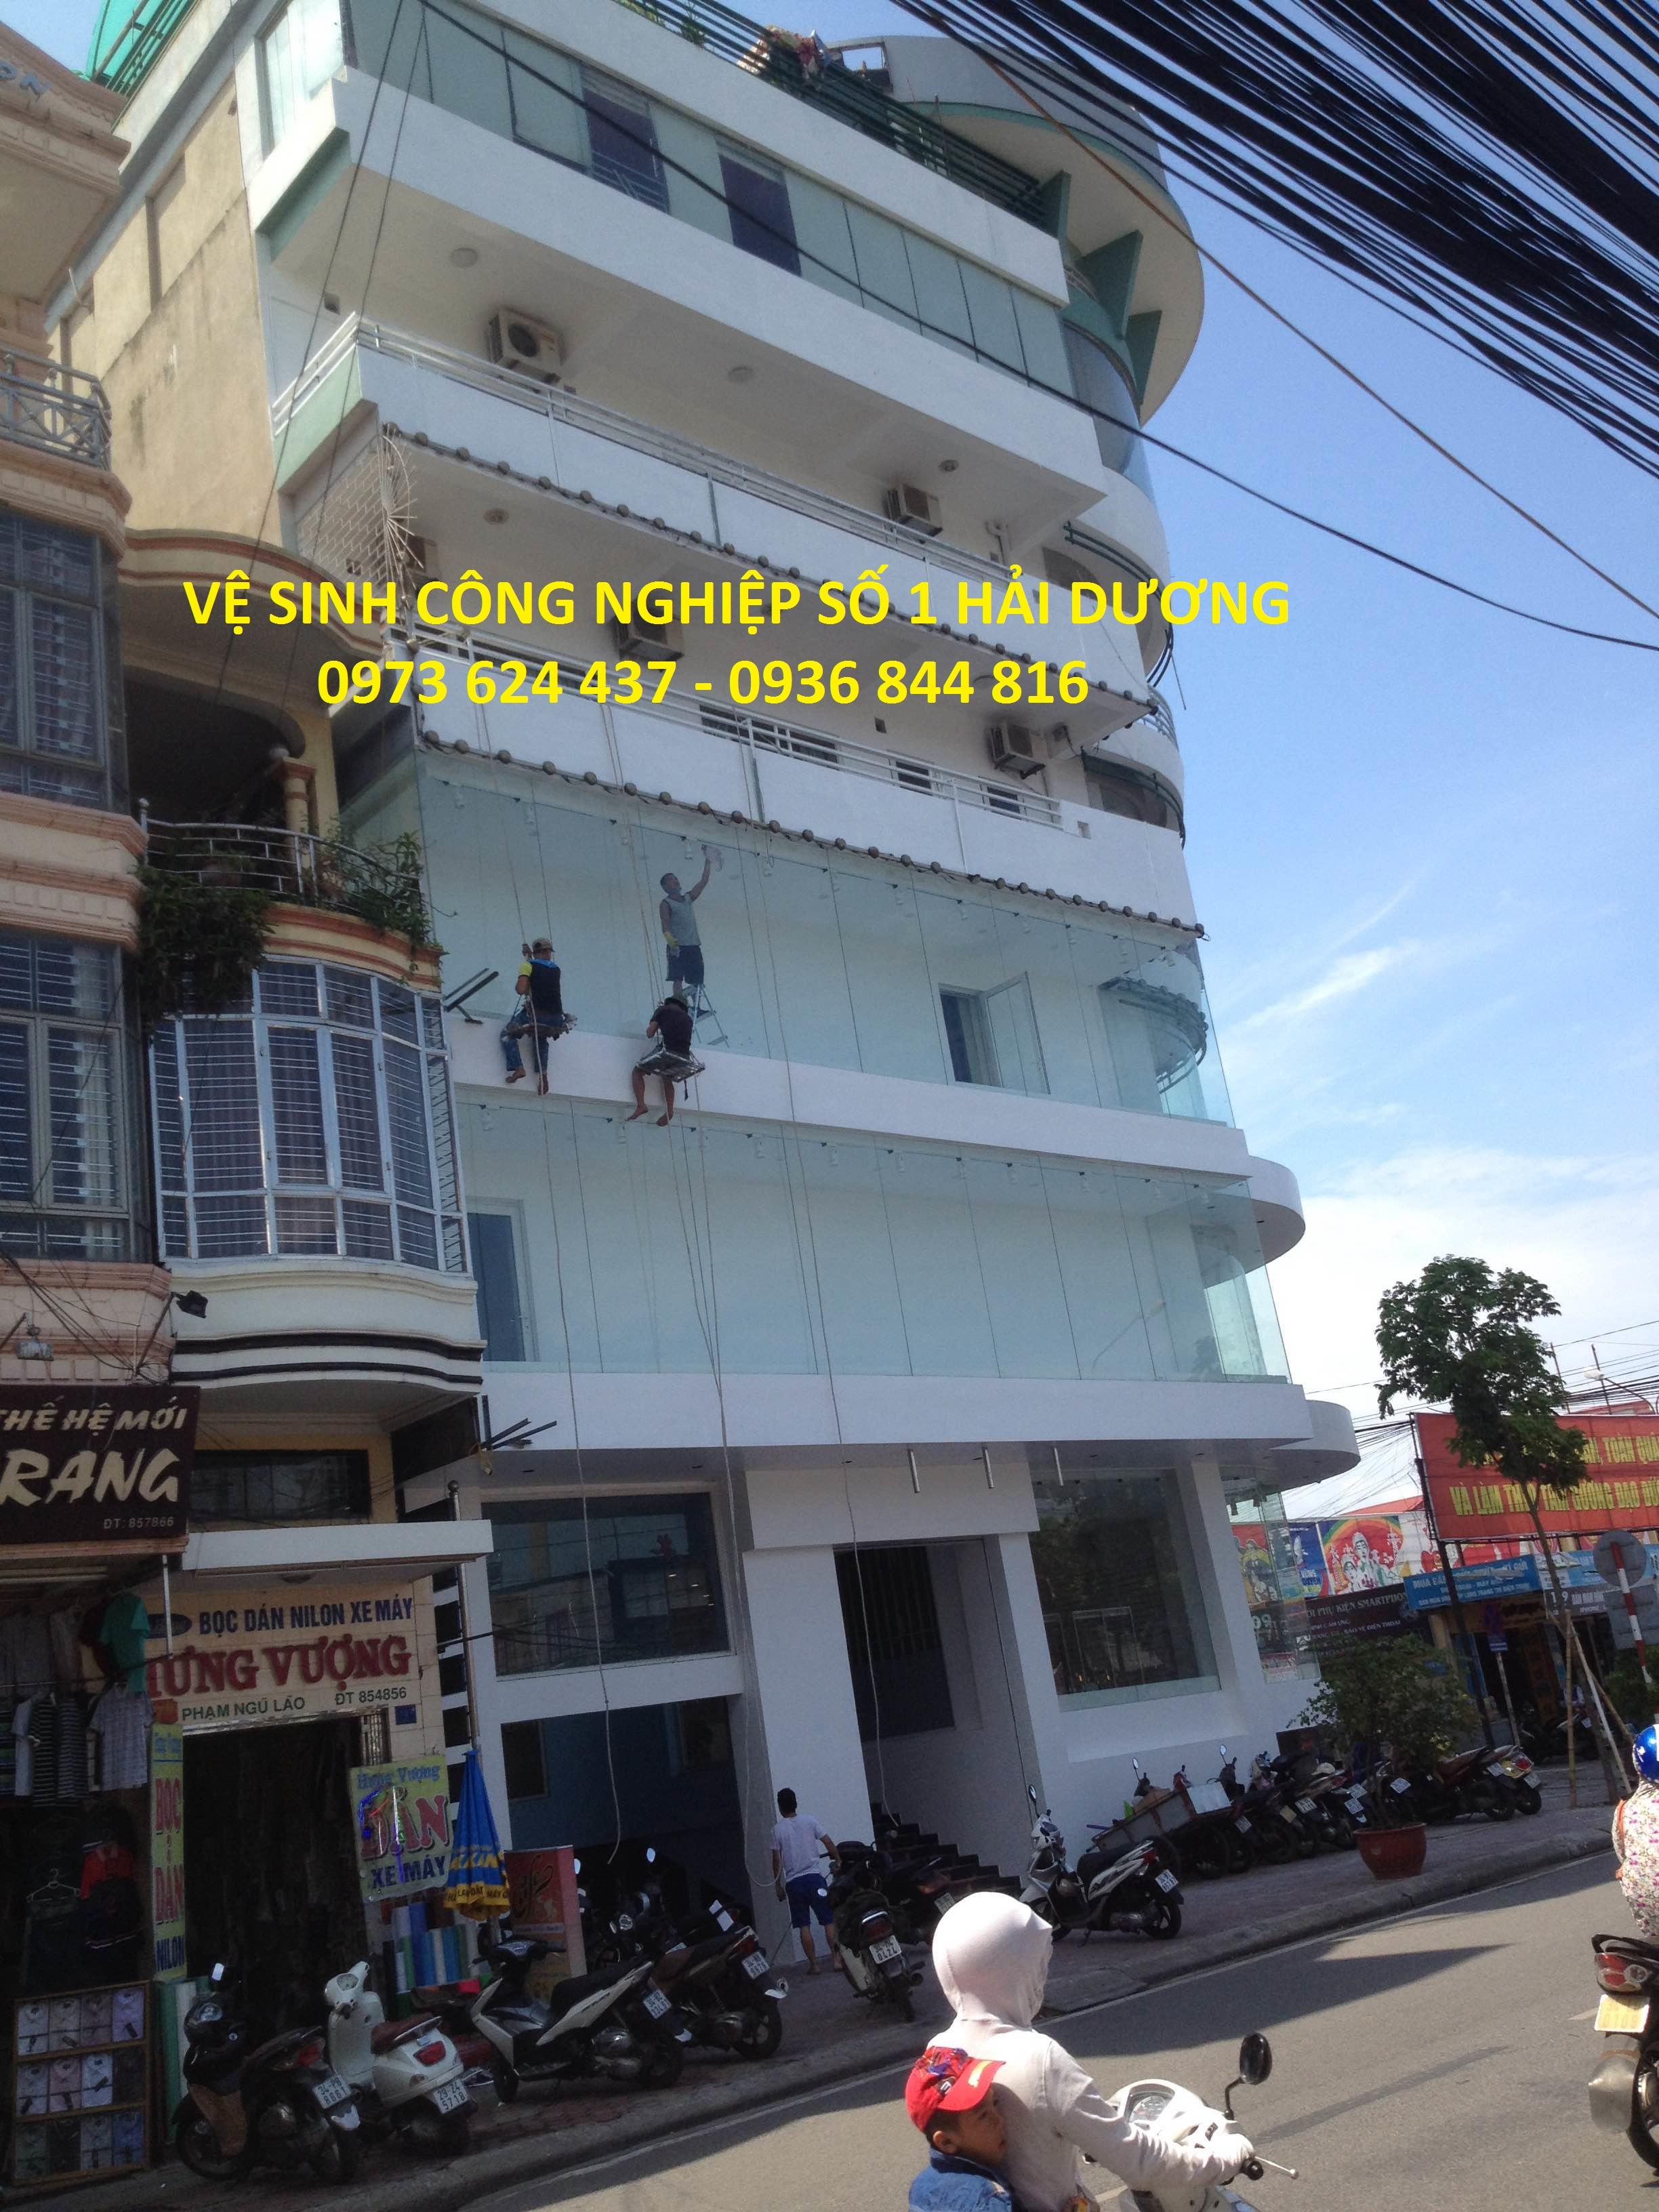 DV lau kính tòa nhà